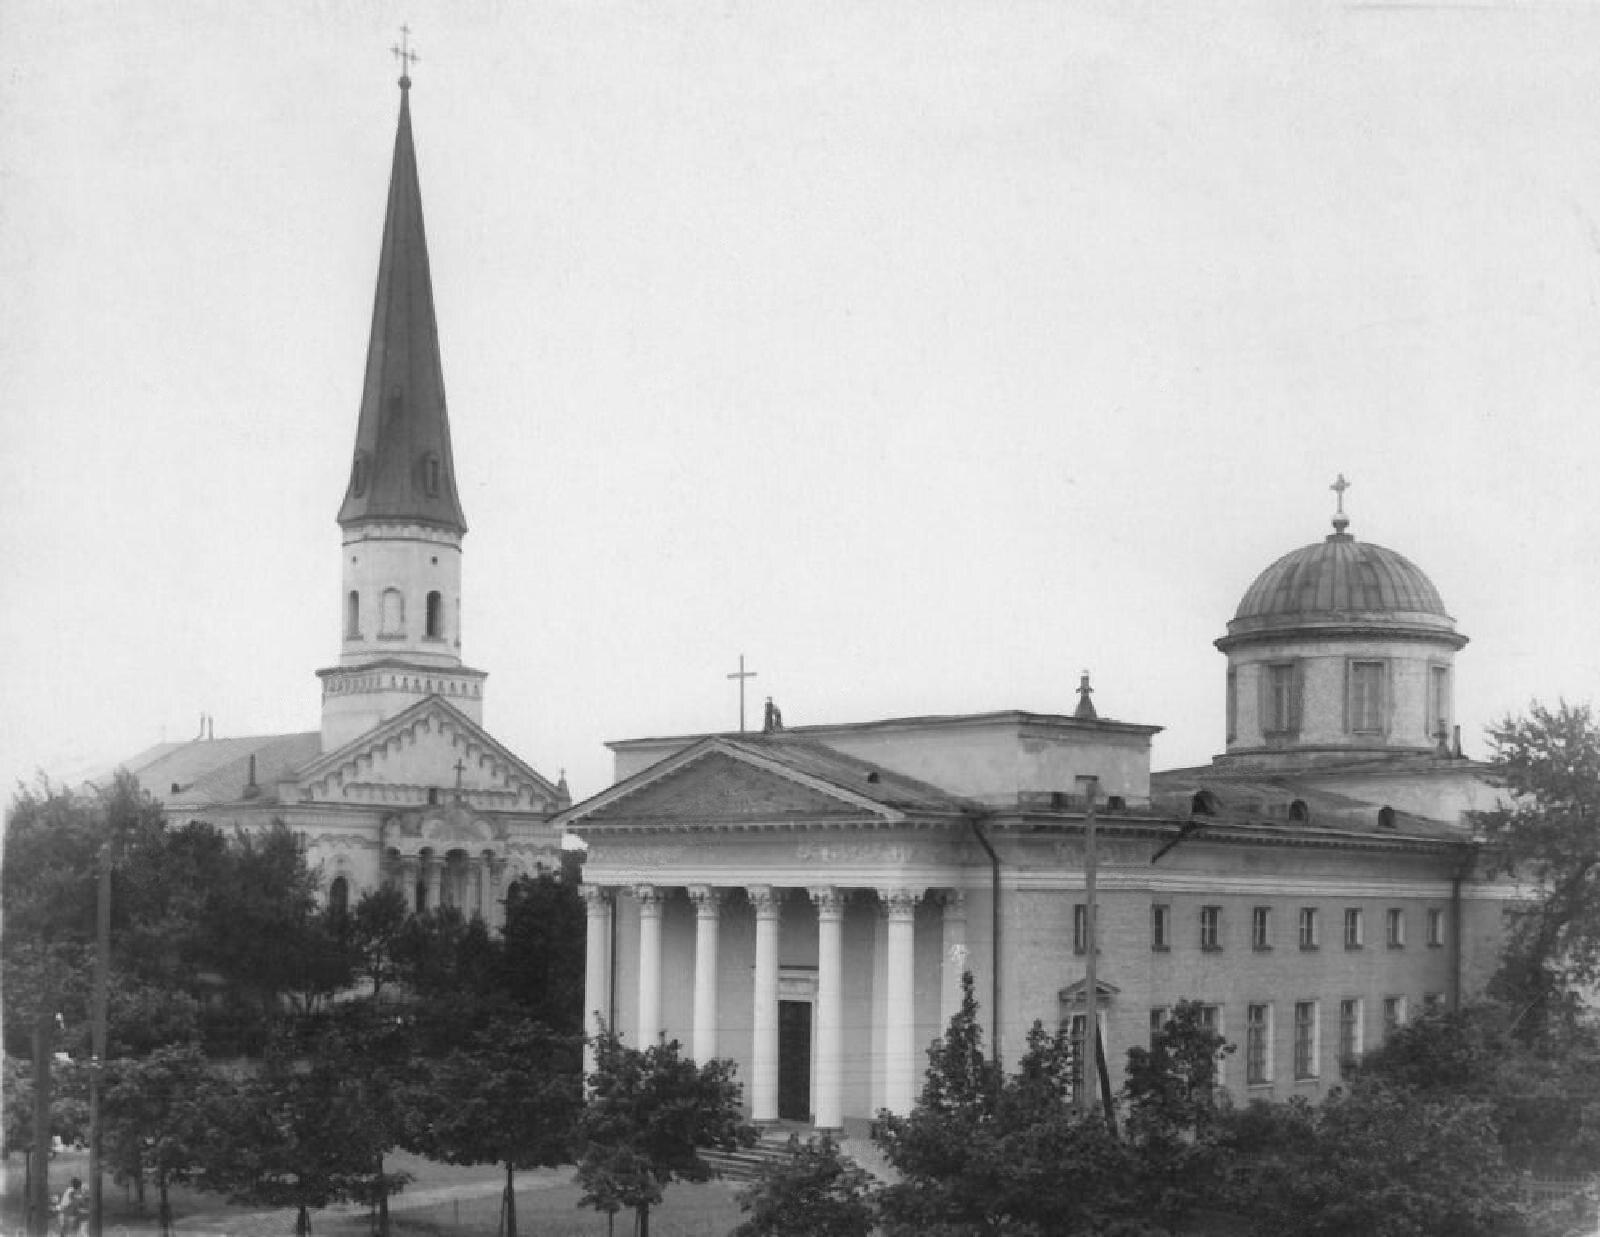 1898. Лютеранская церковь Св. Елизаветы и римско-католический костёл Св. Николая